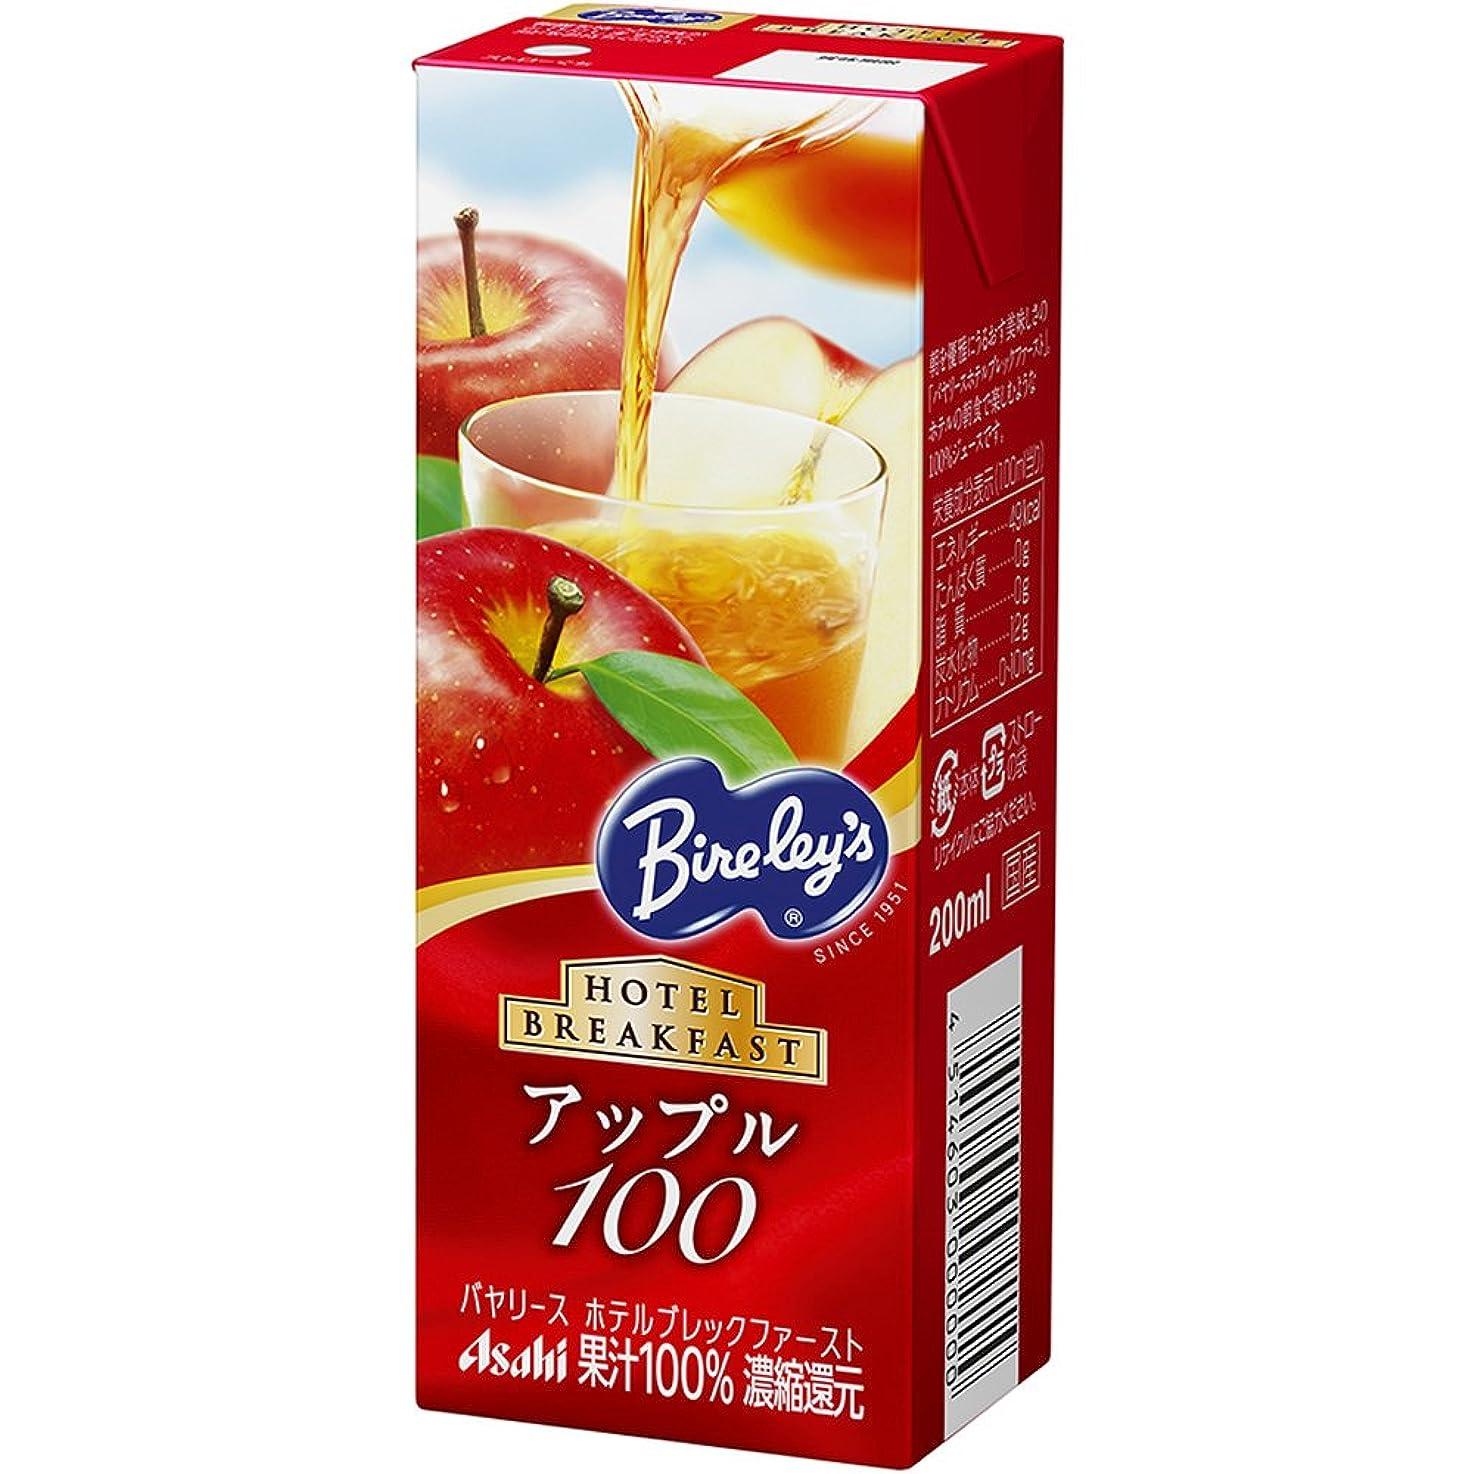 明らか追う解釈的CHABAA(チャバ) 果汁100% ジュース ウォーターメロン 180ml×6本入